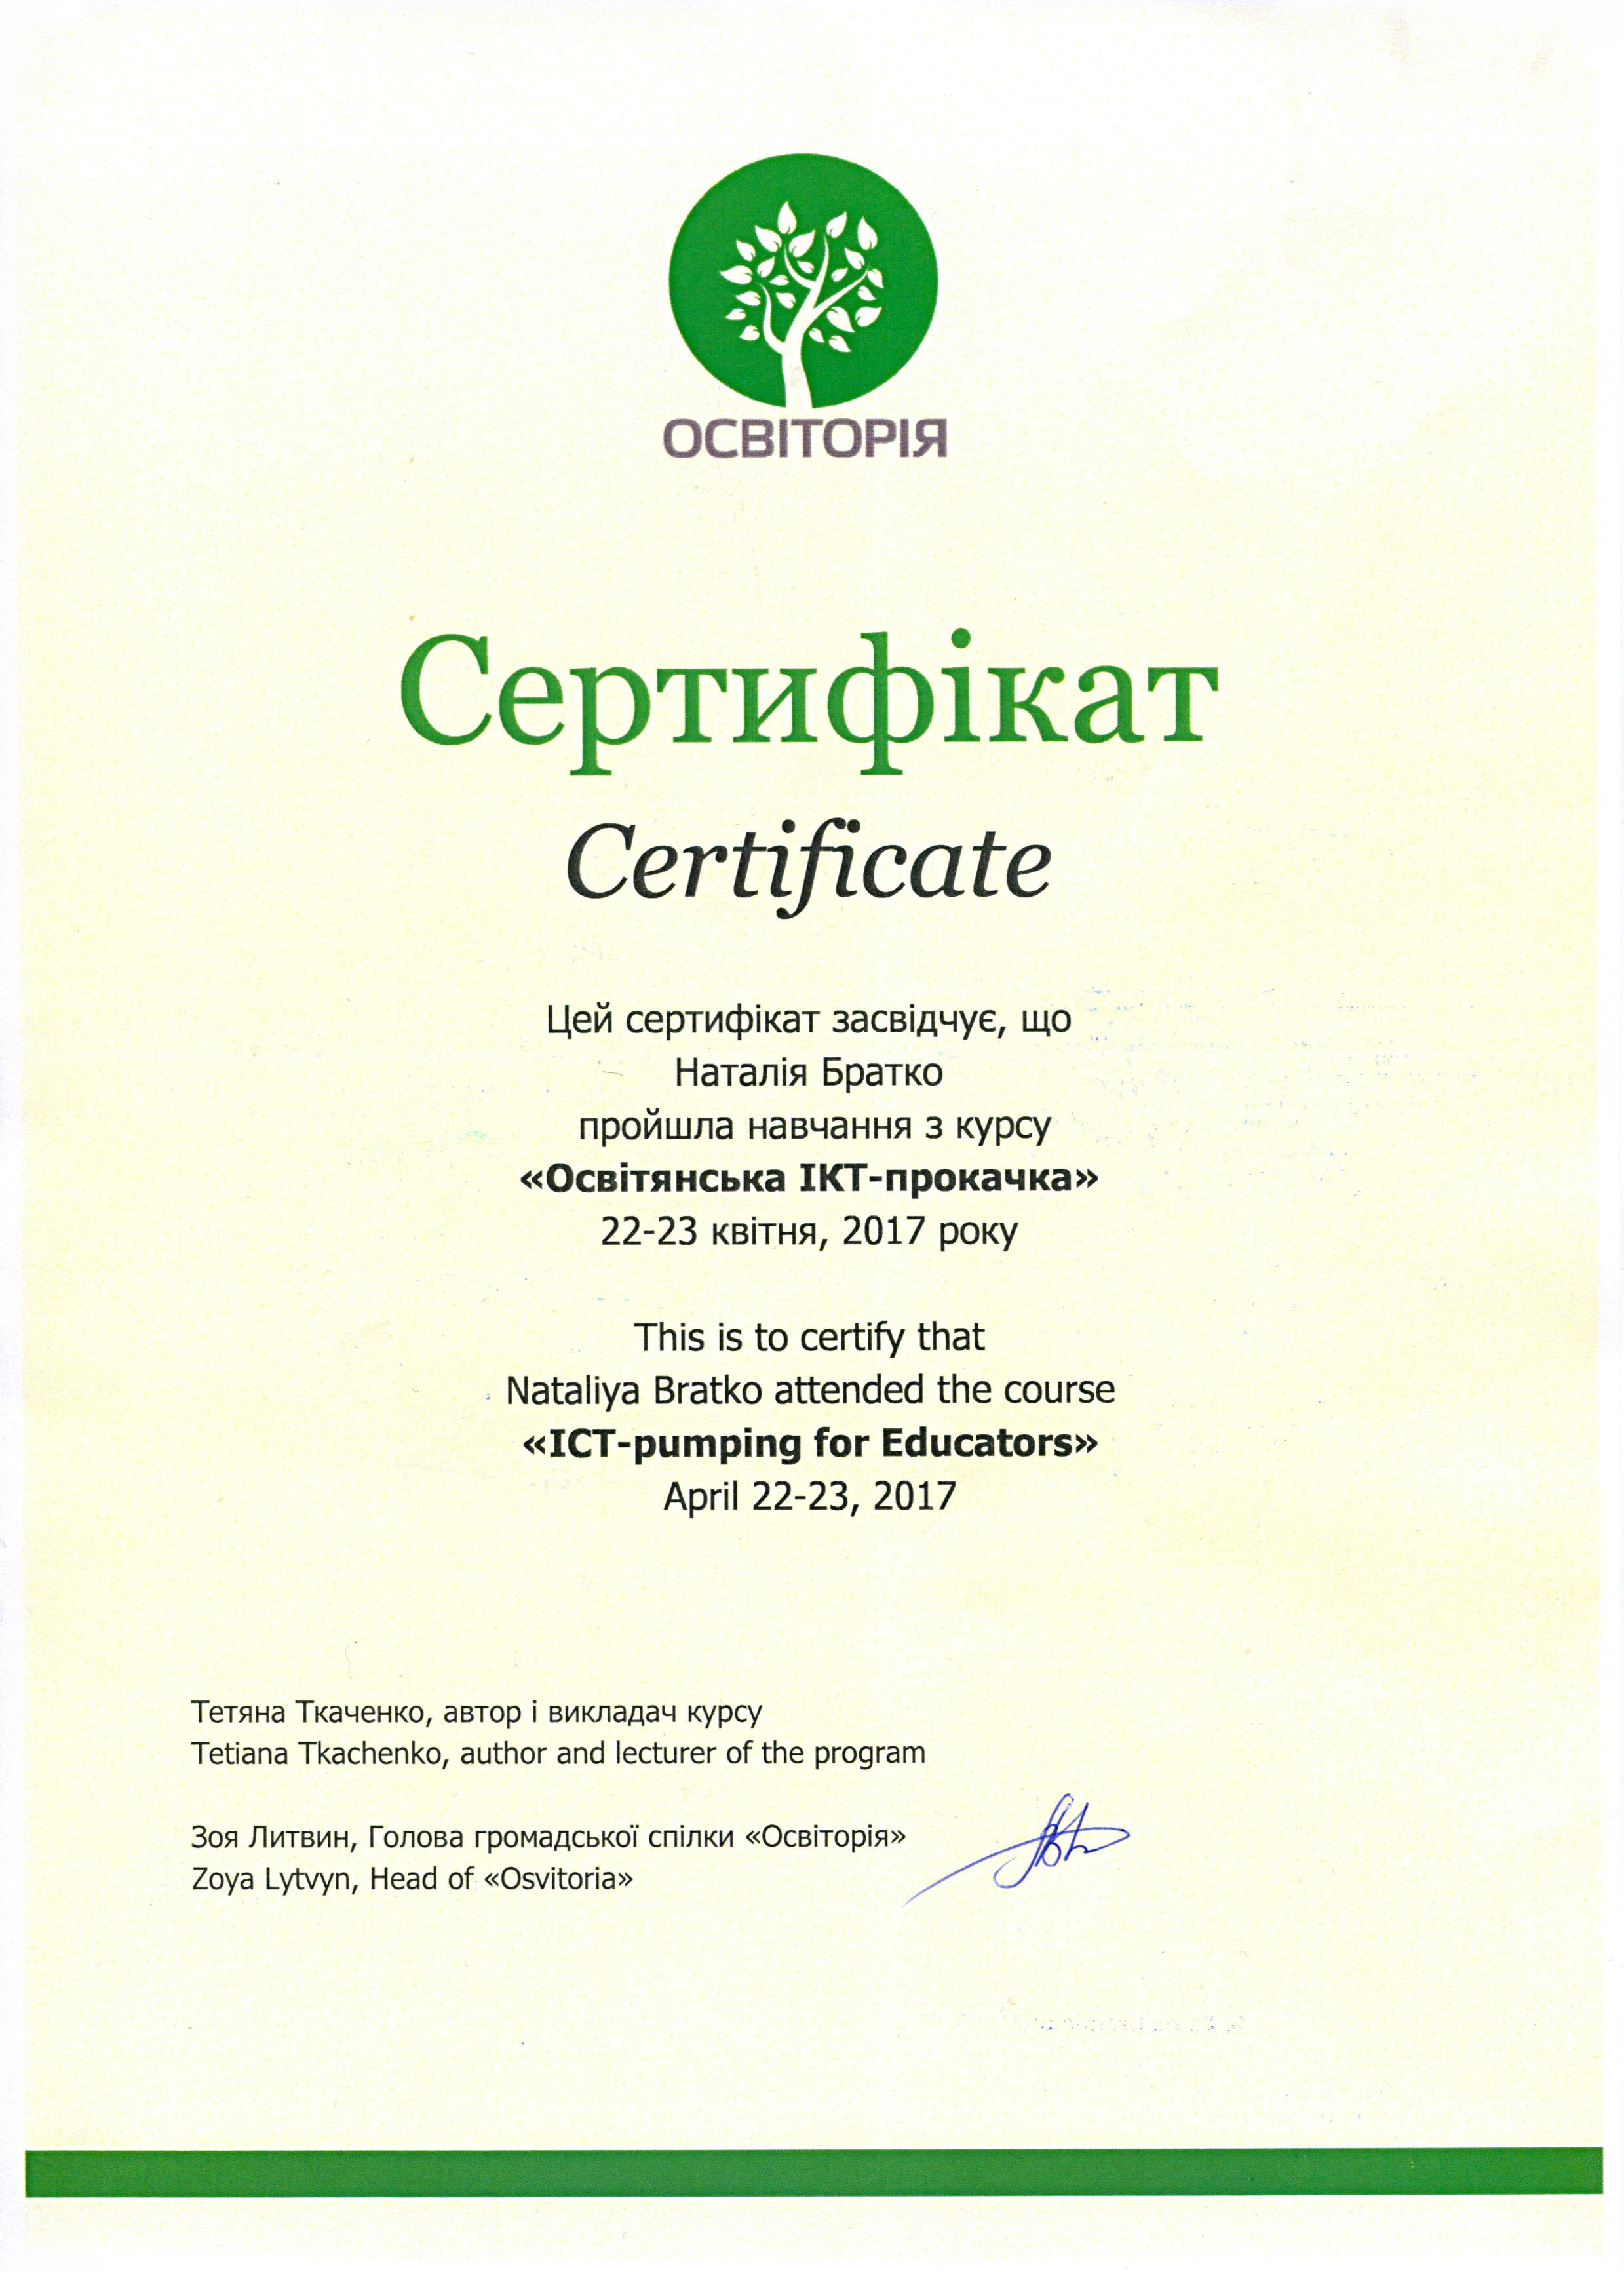 """Сертифікат за проходження курсу """"Освітянська ІКТ-прокачка"""""""